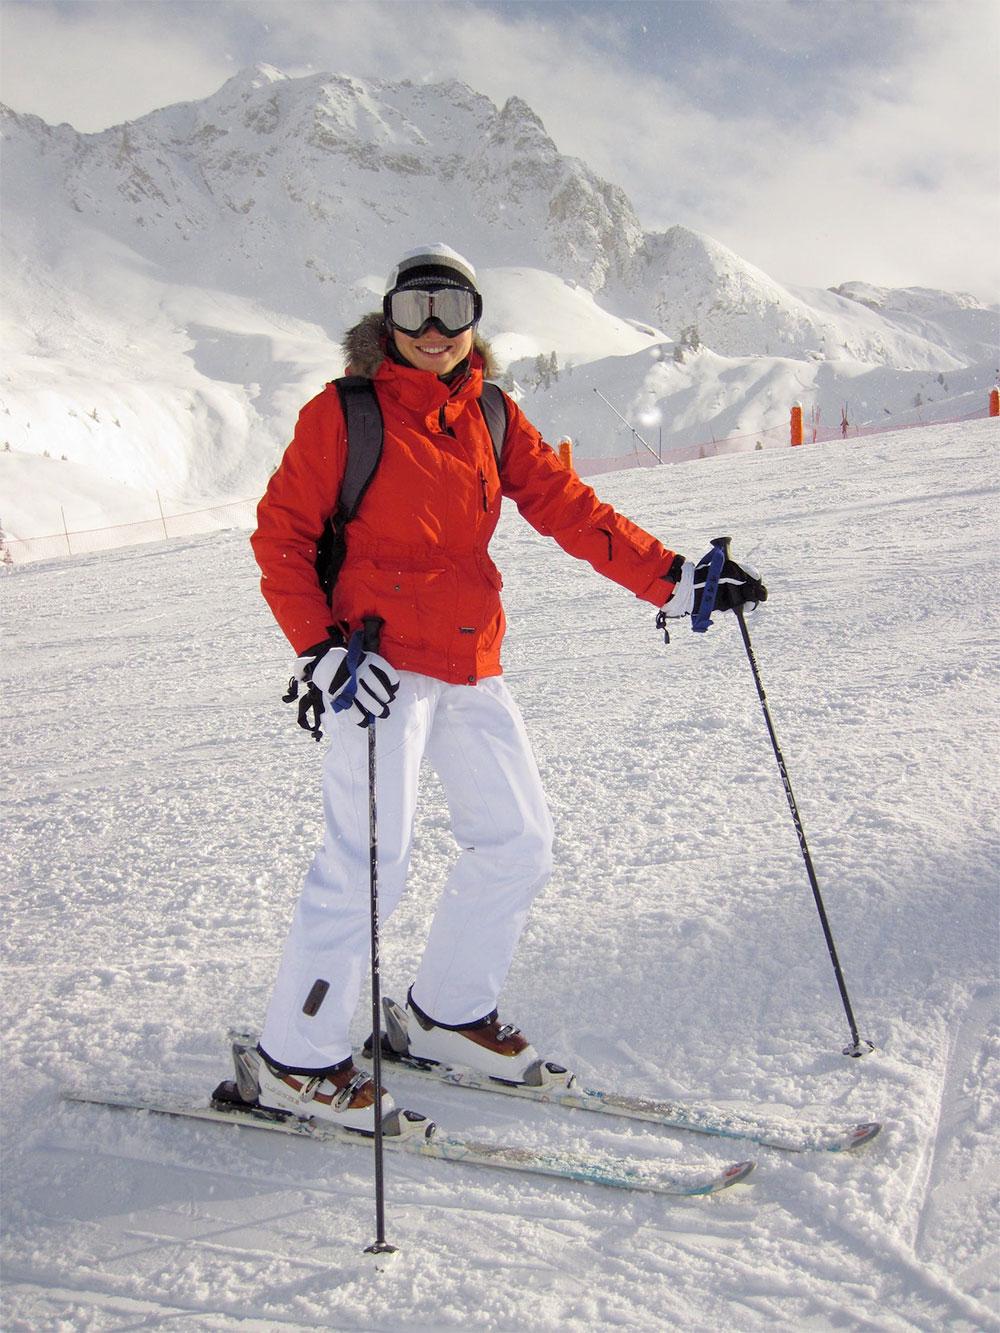 Quanto tempo occorre per imparare a sciare bene?